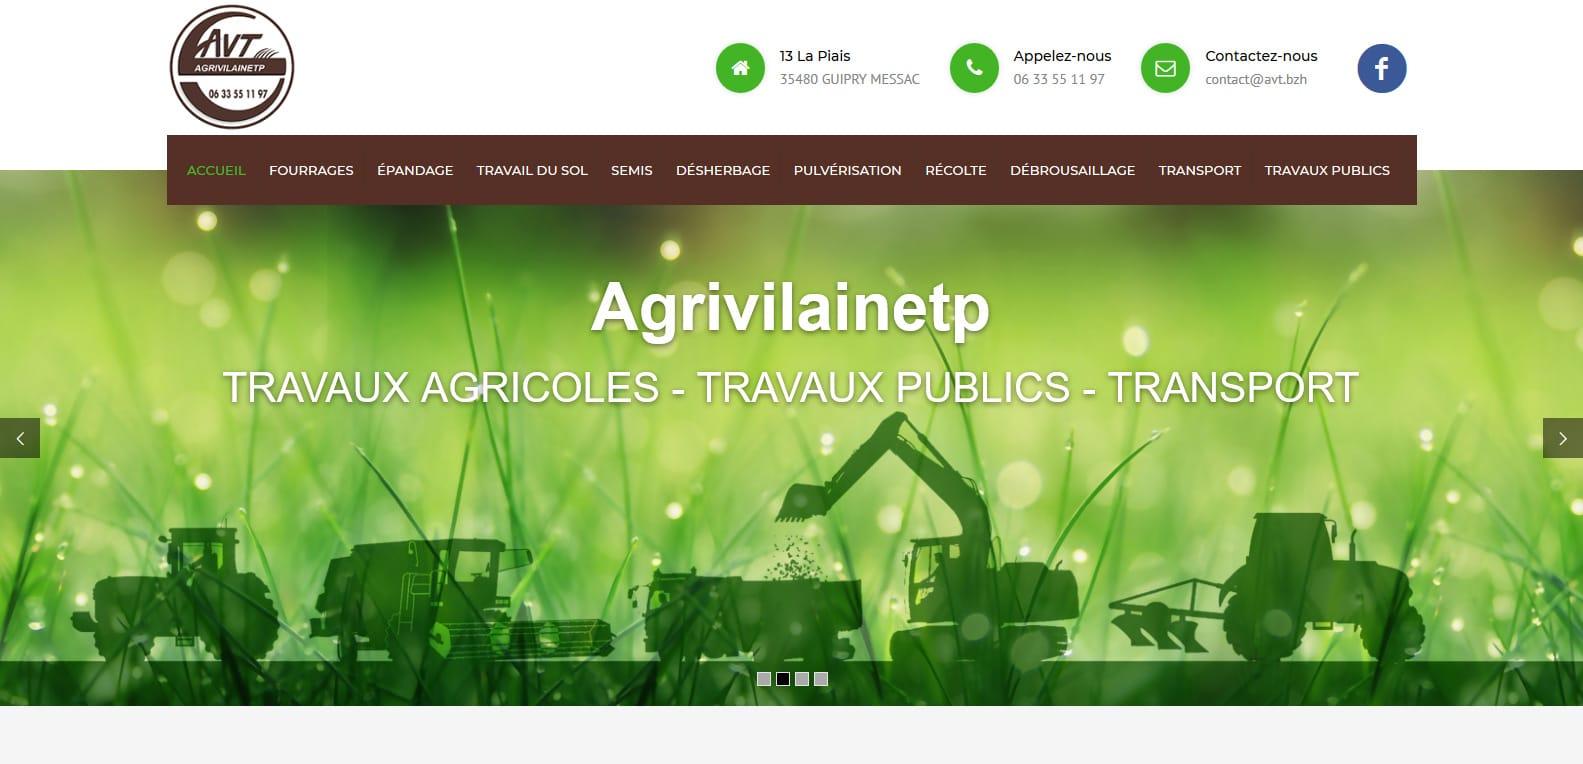 Agrivilainetp-travaux-agricoles,-publics-Guipry-Messac—ACCUEIL(1)